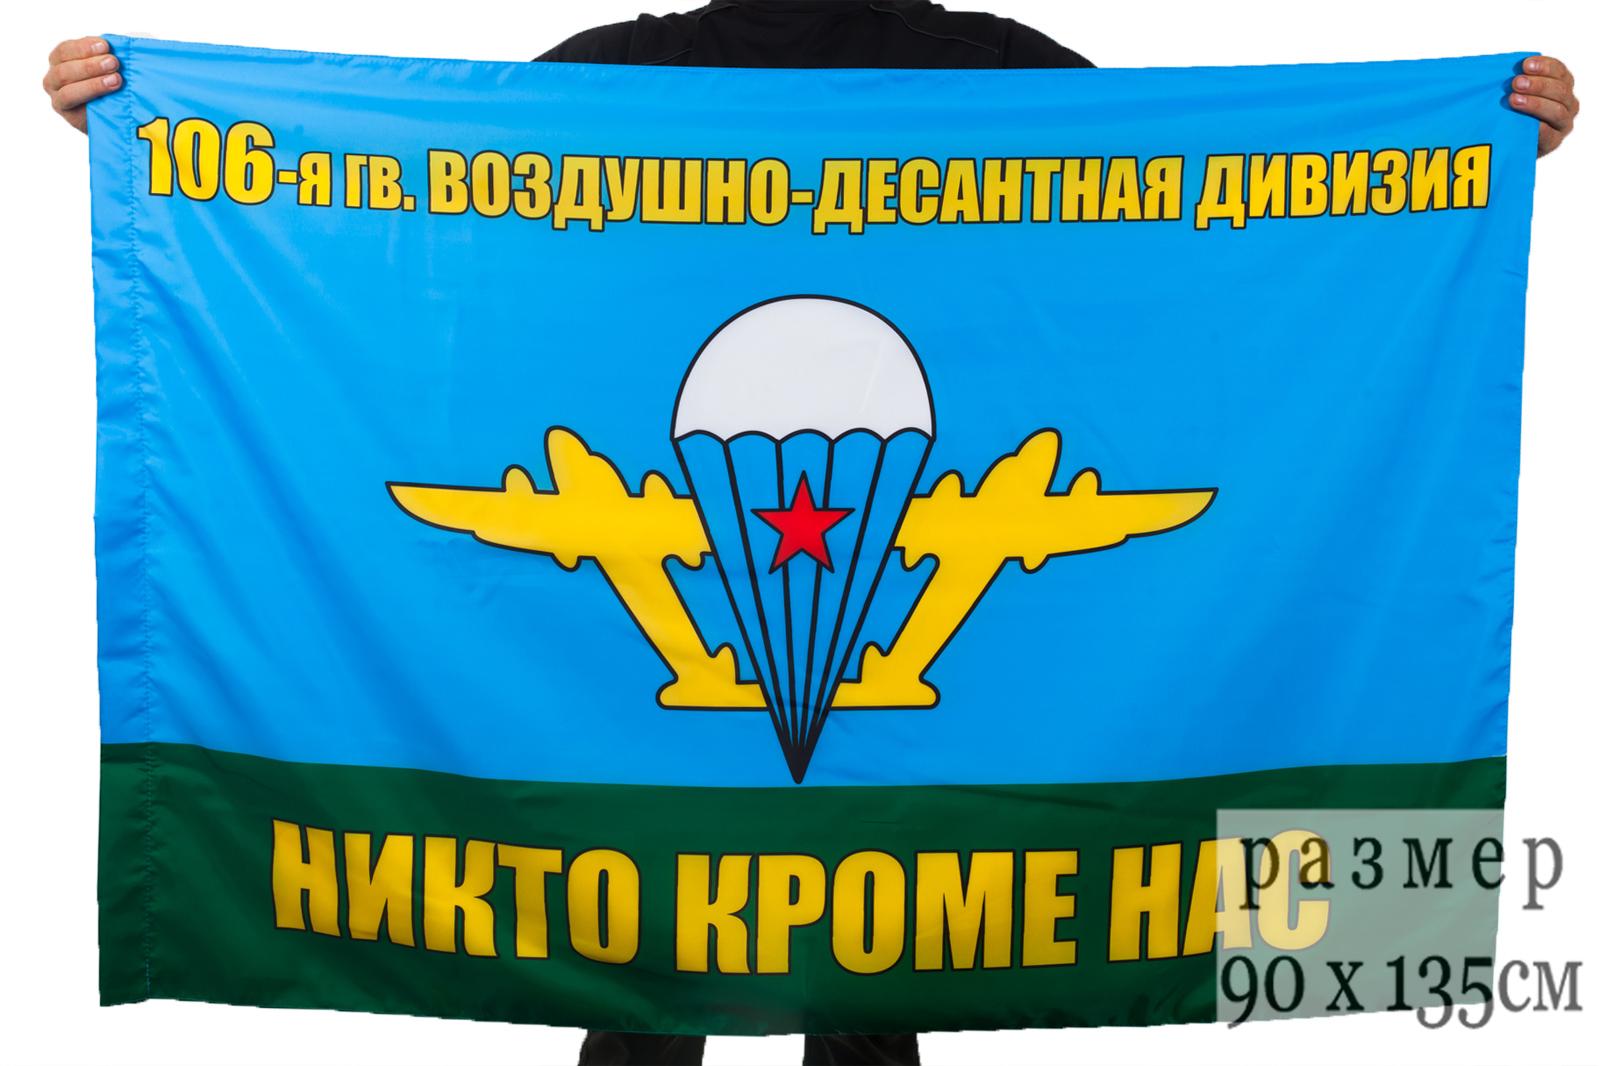 Флаг 106-й гв. воздушно-десантной дивизии